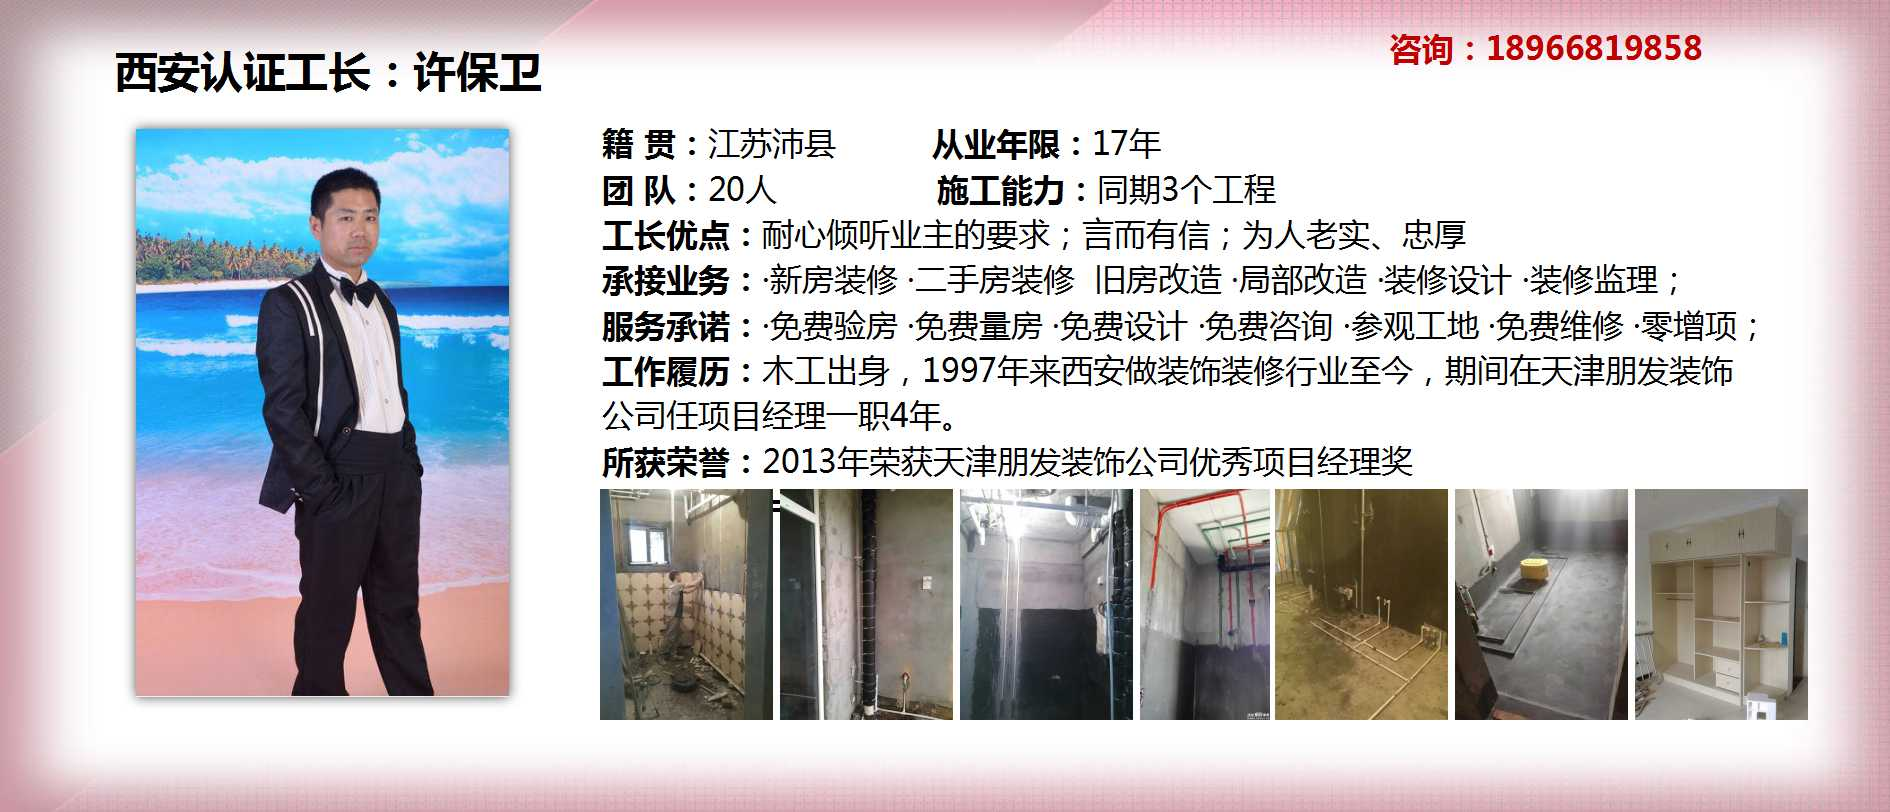 搜狐俱乐部展示ppt2.jpg